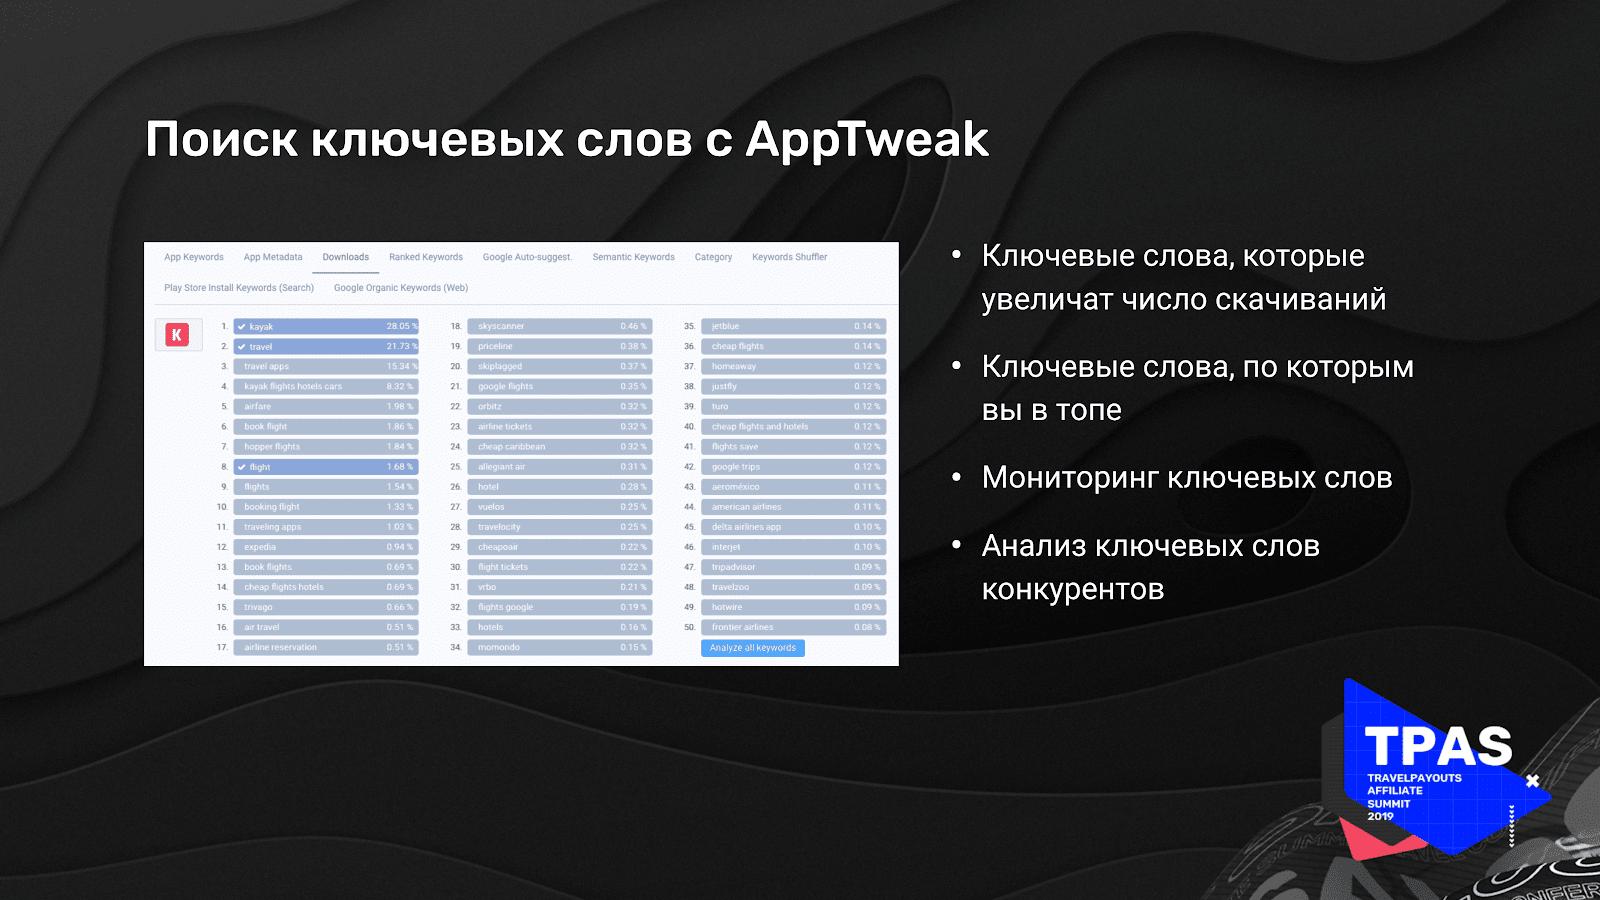 Как искать ключевые слова с AppTweak